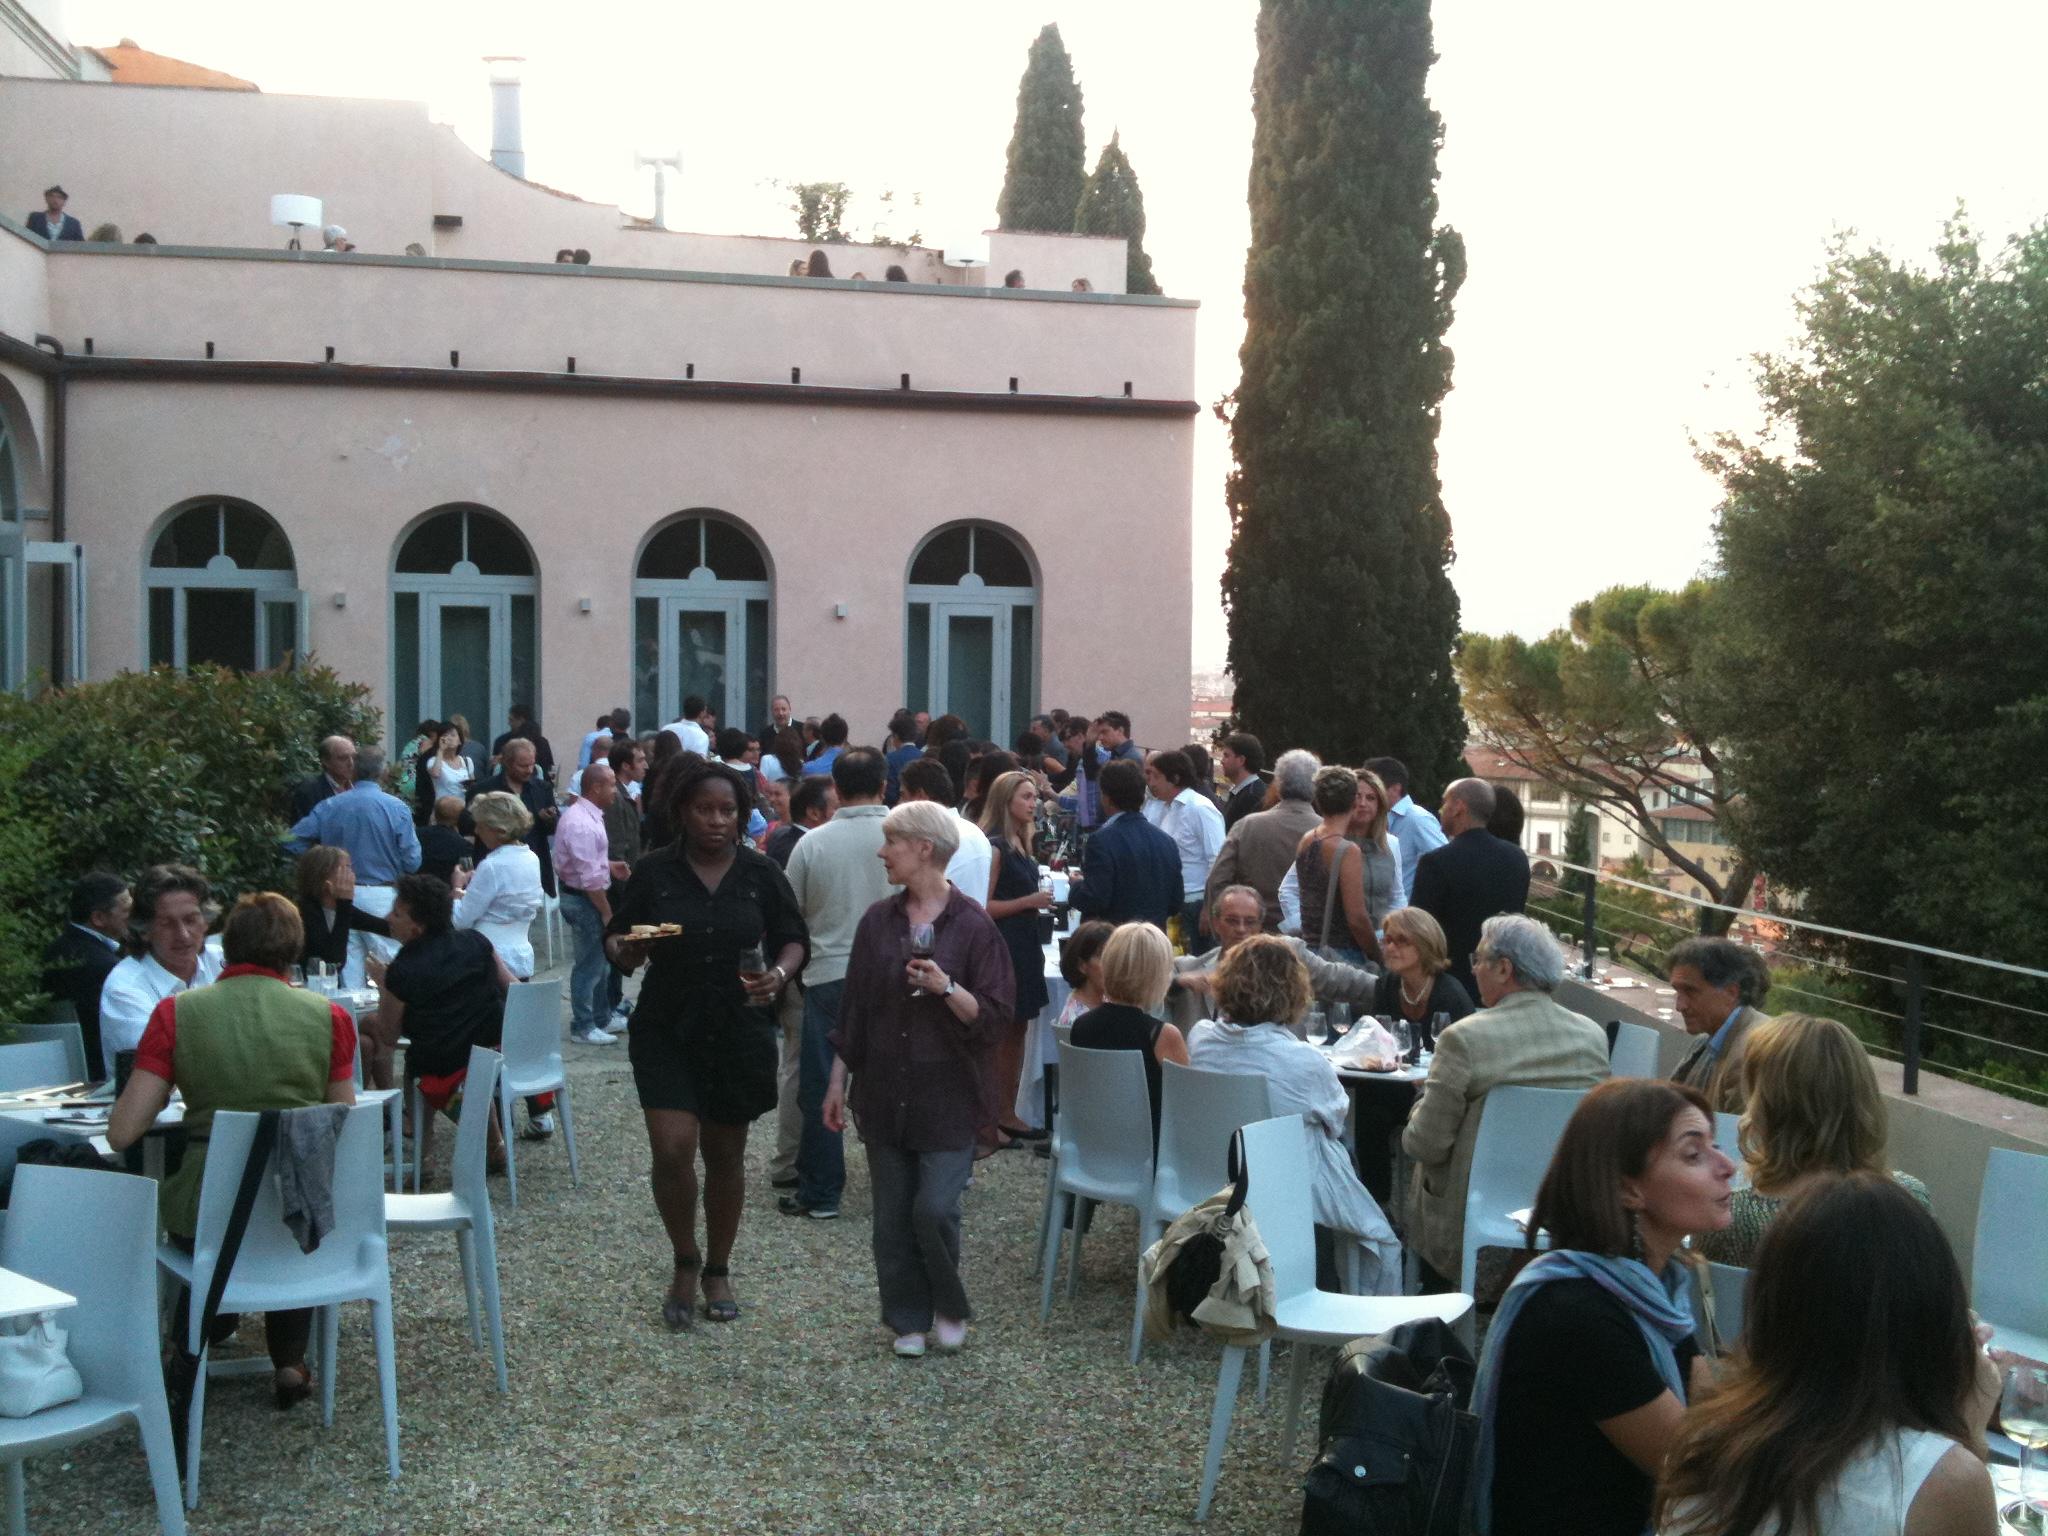 Promowine Gli Eventi 2010 Promowine News Il Vino Il Cibo